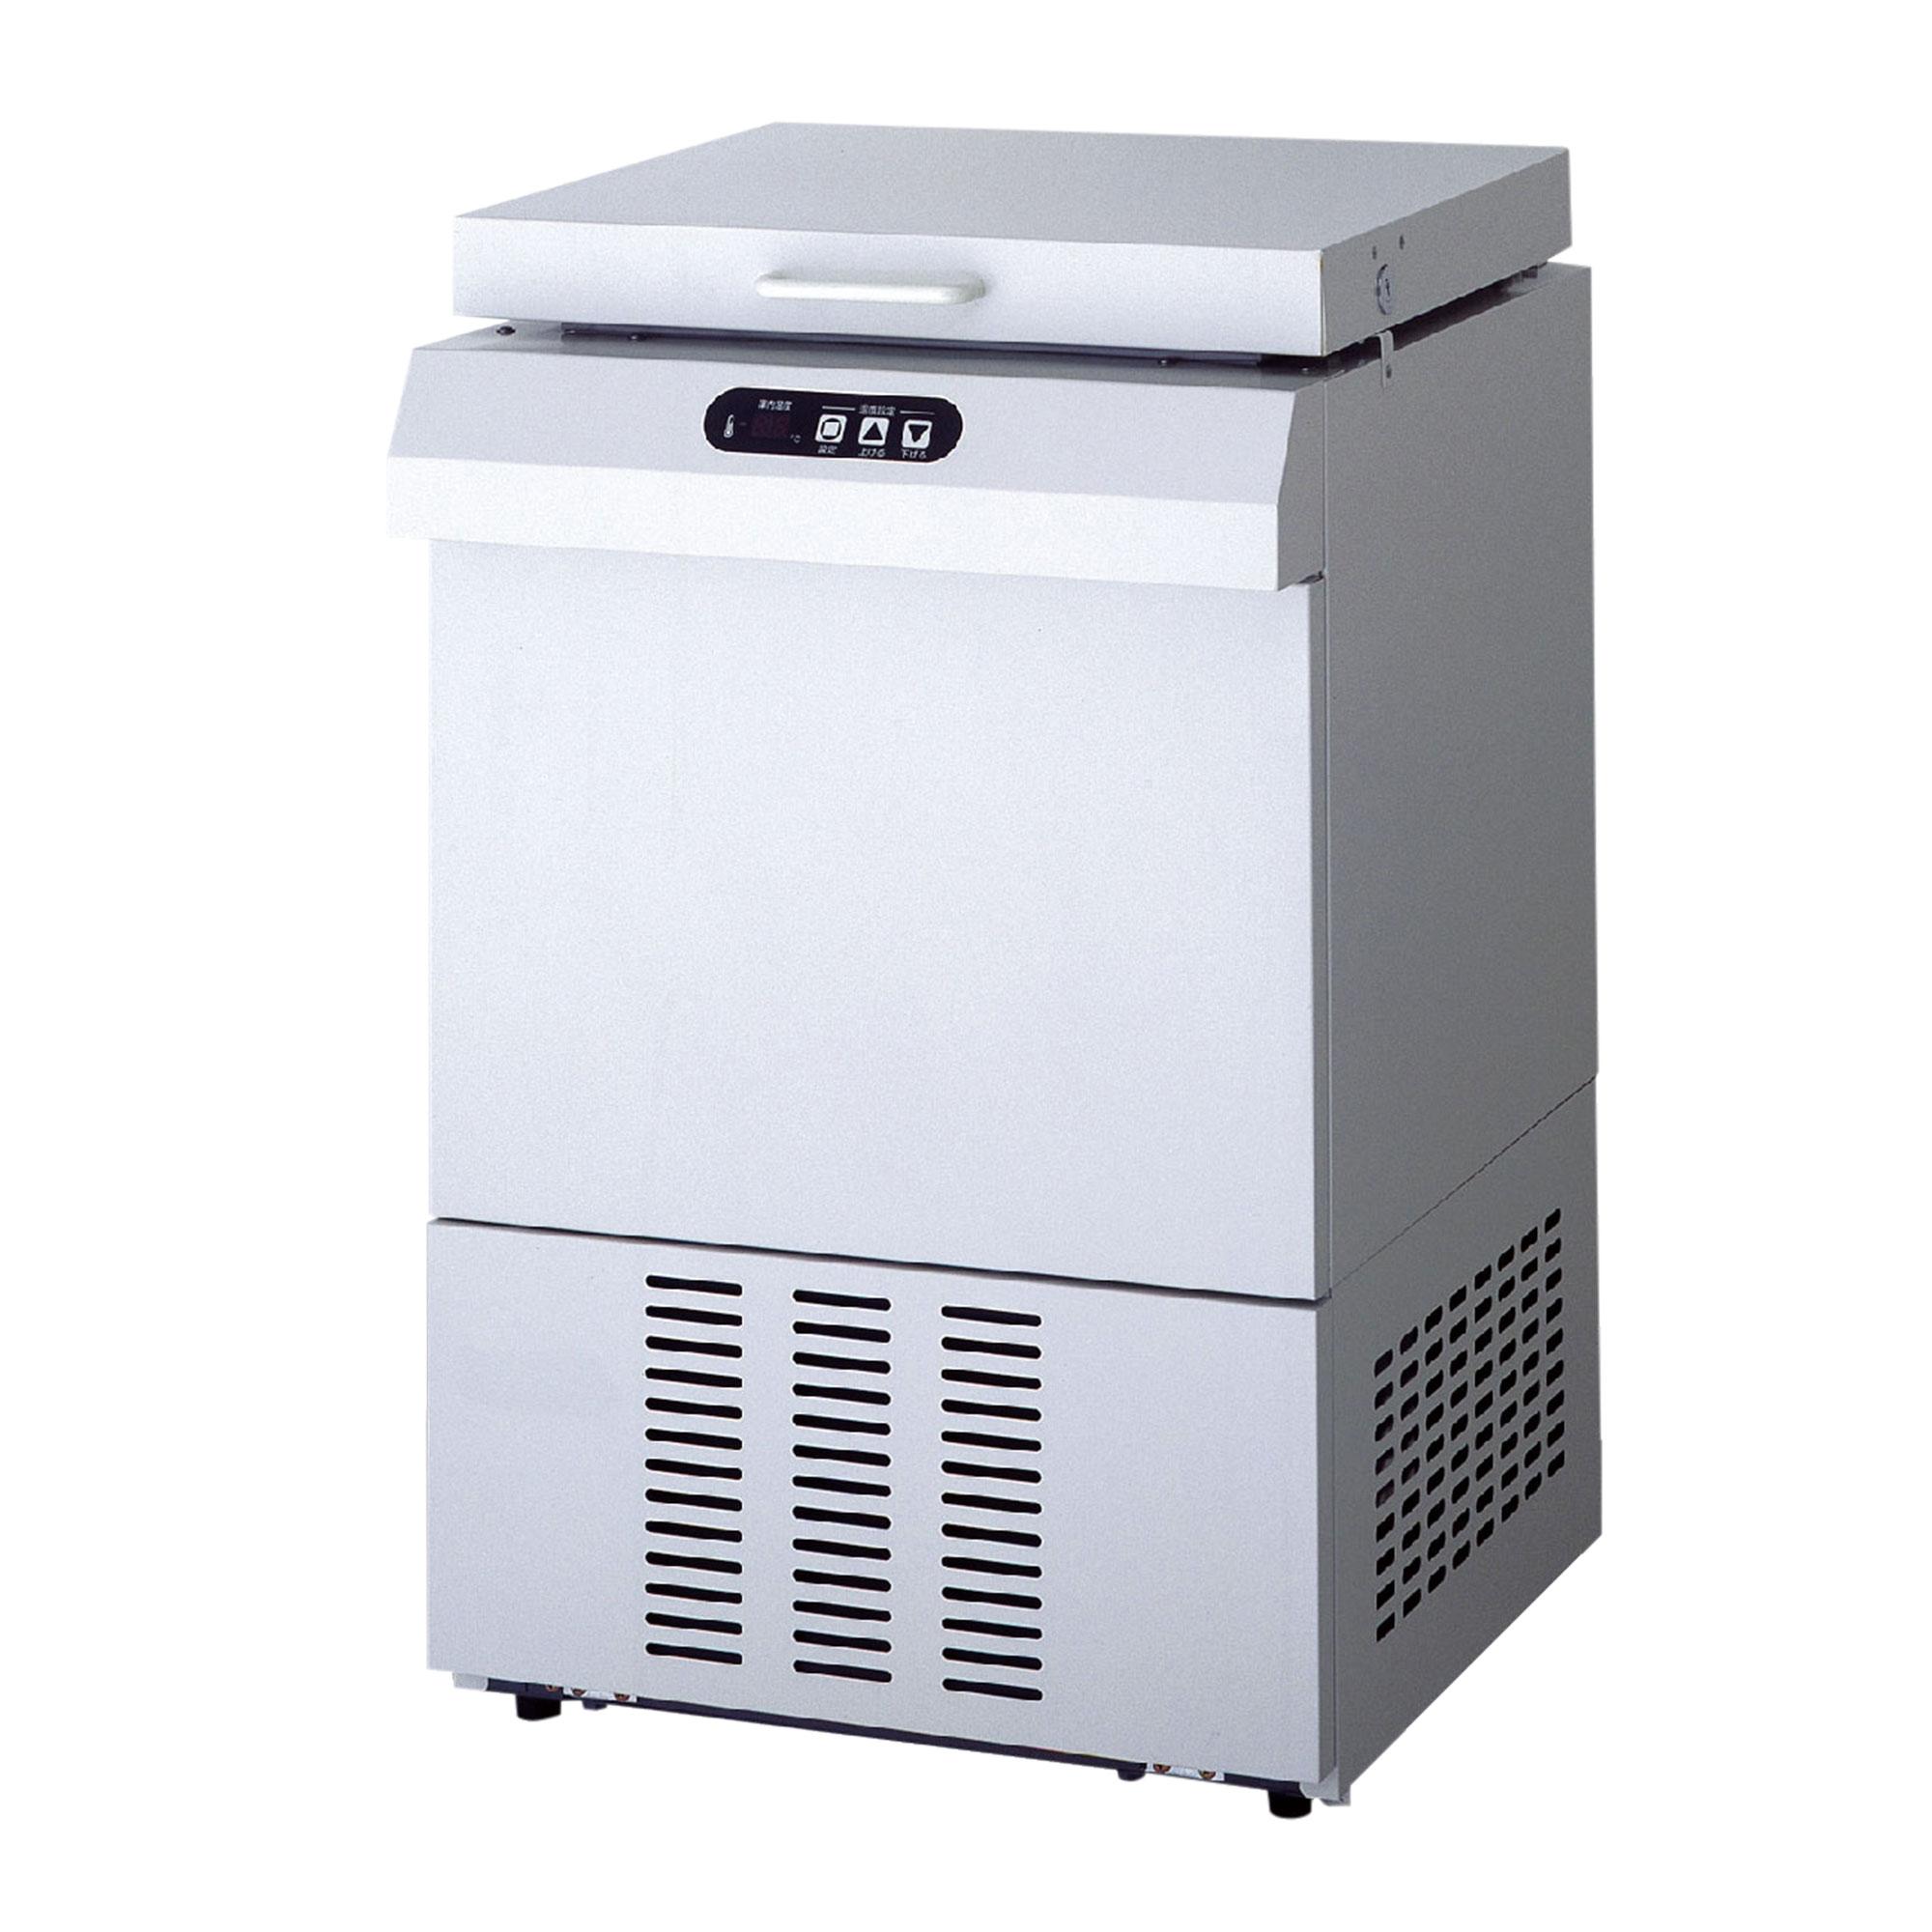 メディカルフリーザー SMF-038FI-C